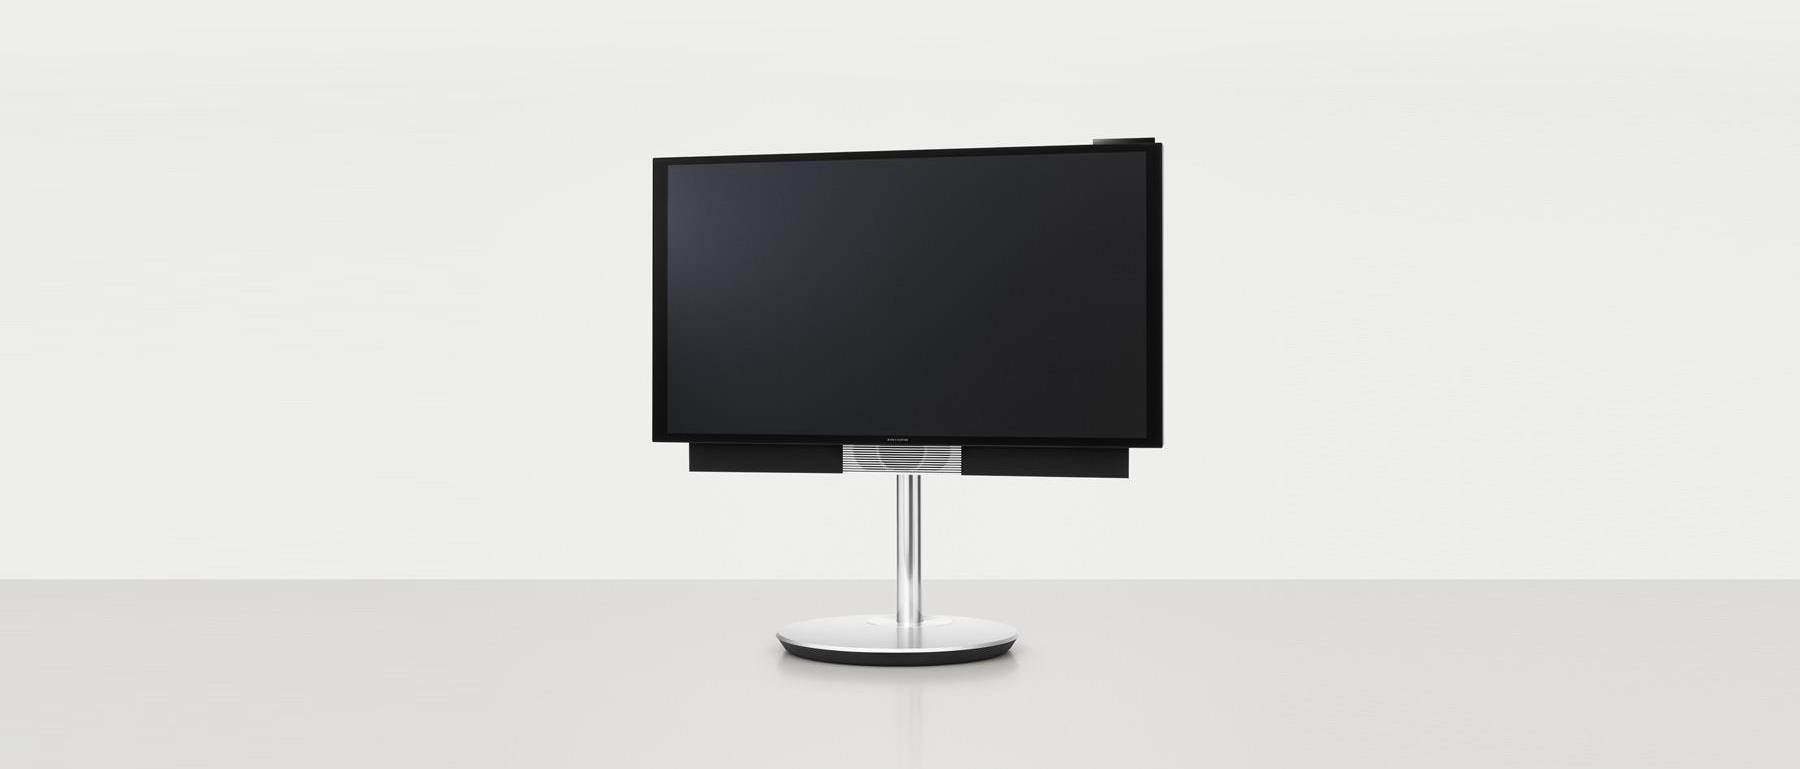 televiseurs beovision avant. Black Bedroom Furniture Sets. Home Design Ideas